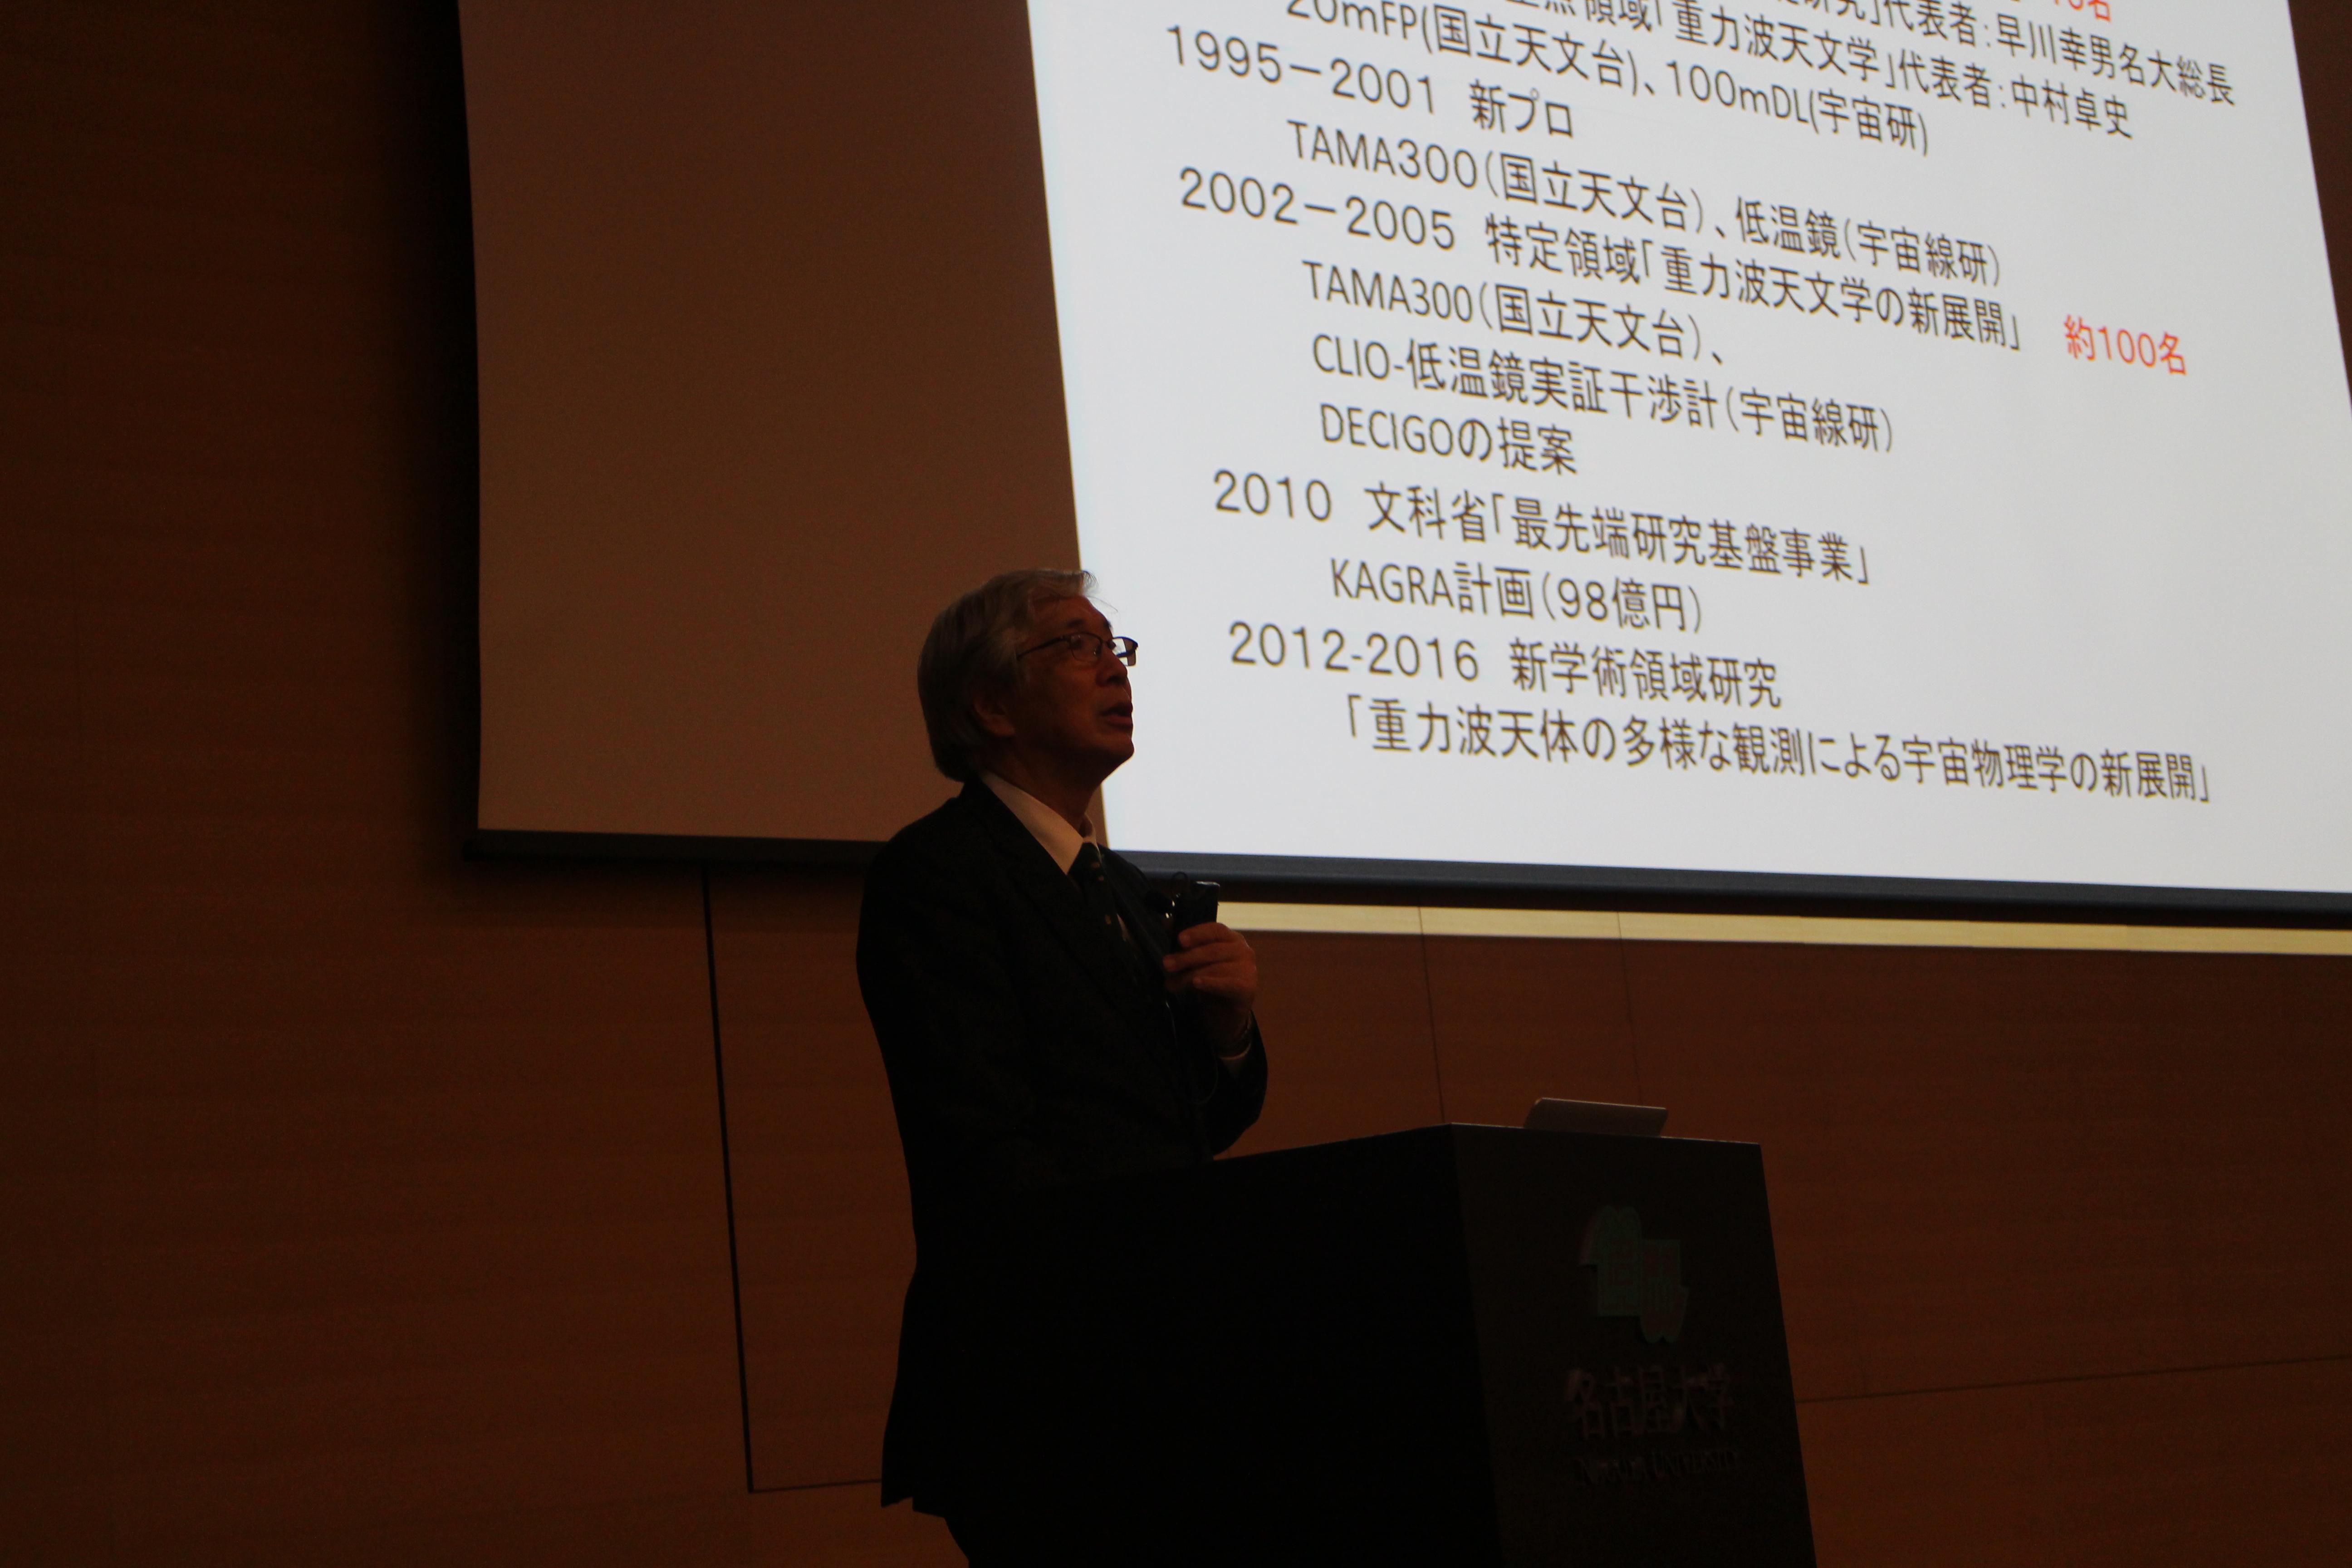 http://www.kmi.nagoya-u.ac.jp/jpn/news/IMG_4526.JPG